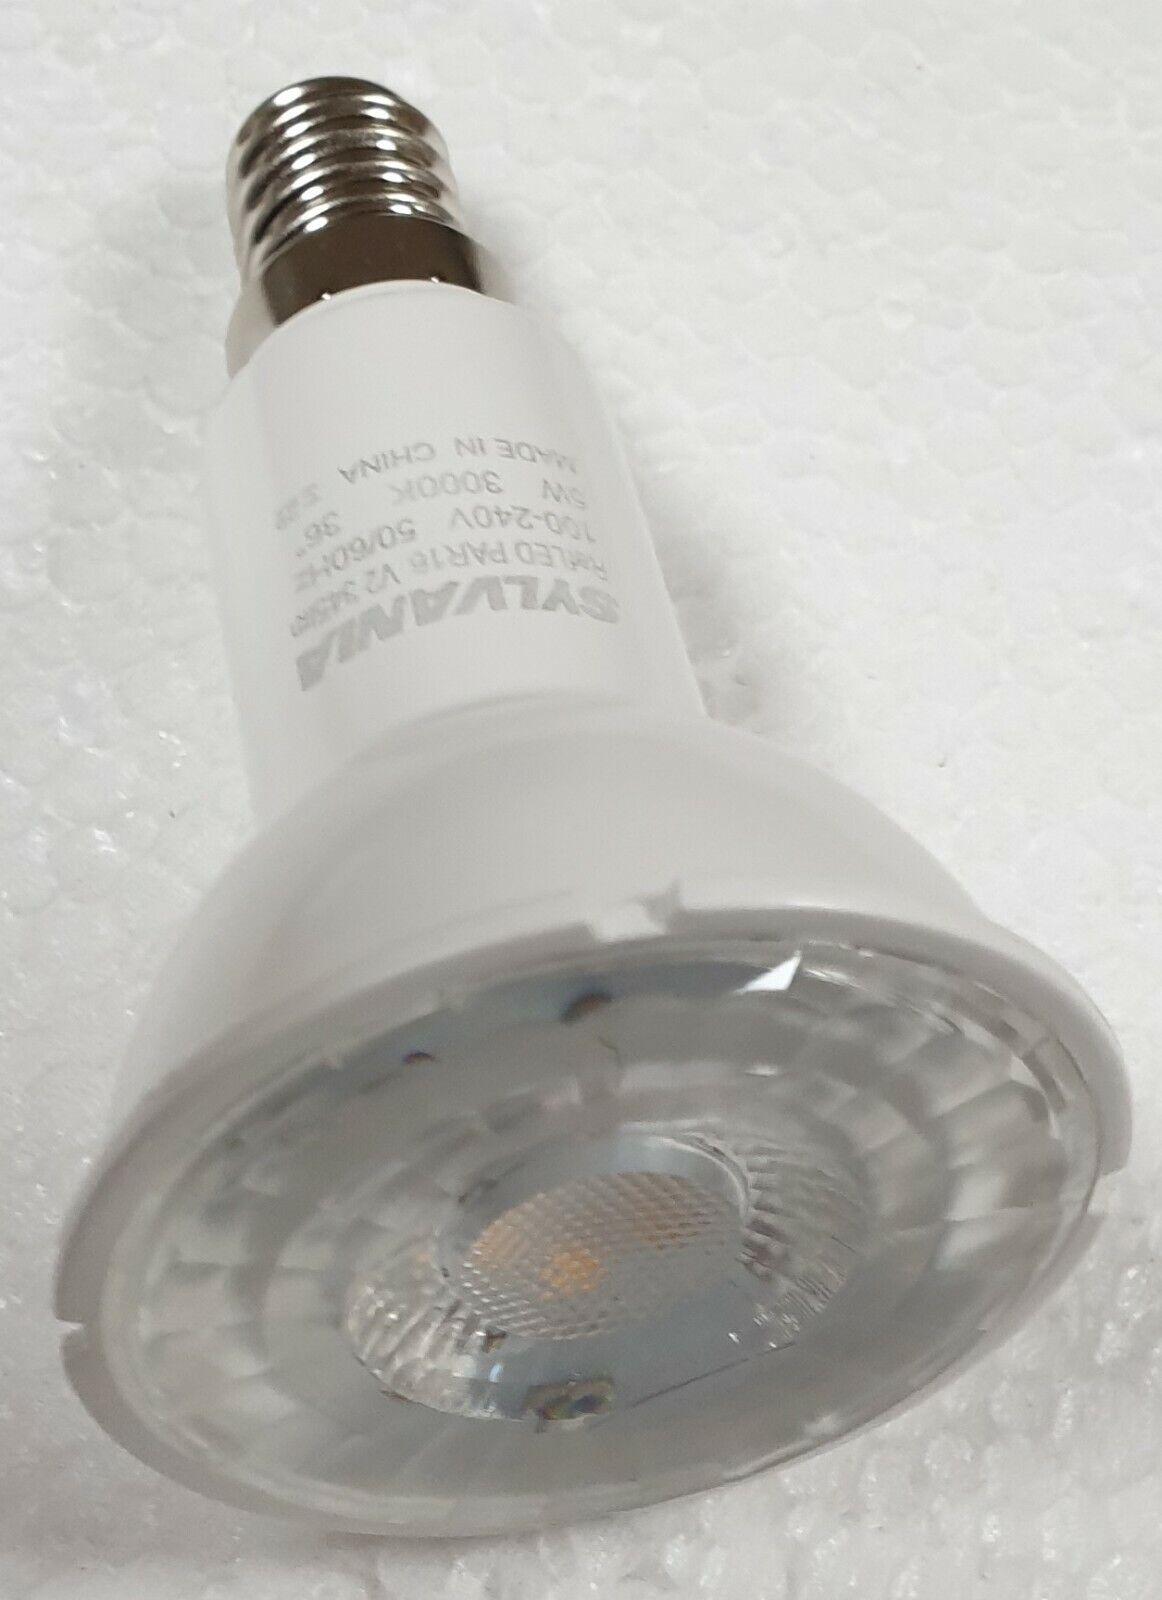 LED PAR16 5W REPLACEMENT COOKER HOOD 50 PAR16 50W SES E14 WARM WHITE x1